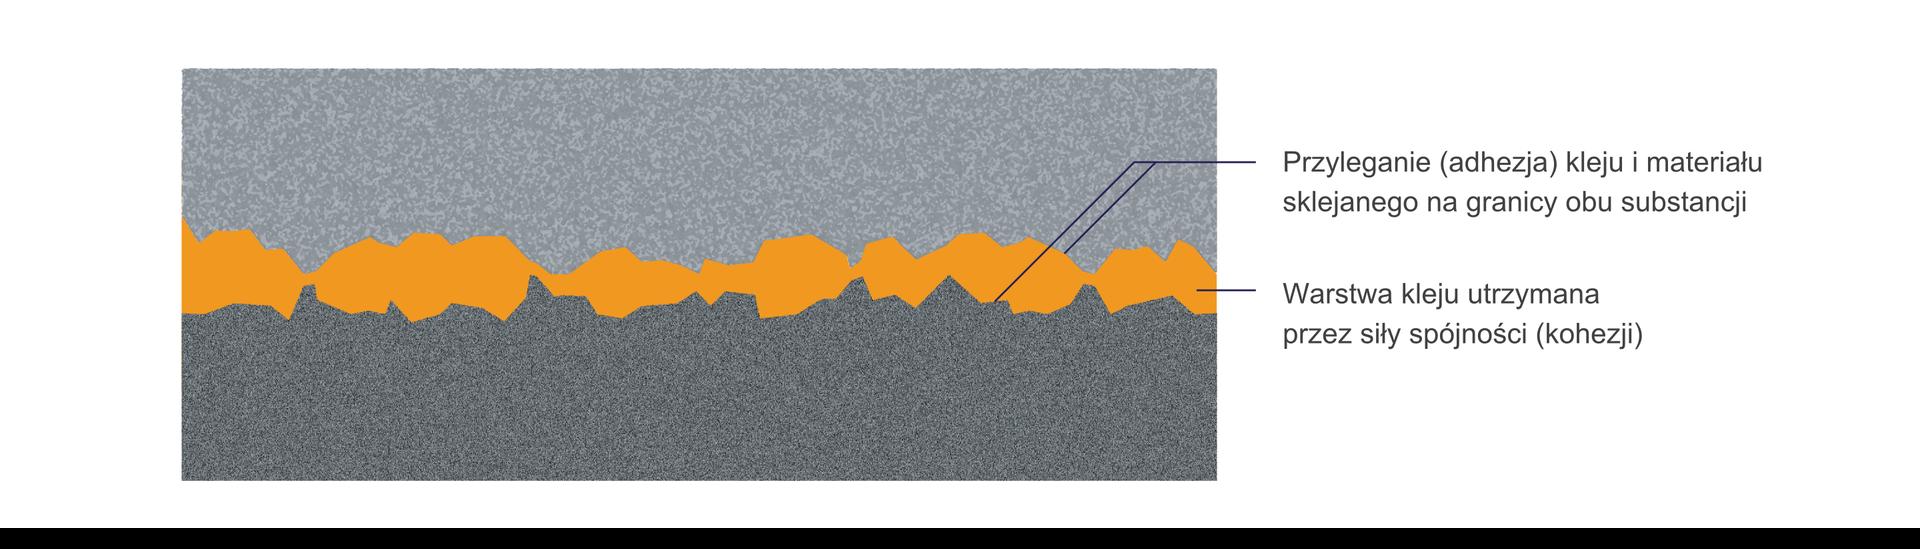 """Ilustracja przedstawia warstwę kleju. Schemat poziomy. Górna część schematu jasnoszara. Dolna część ciemnoszara. Przez środek, poziomo przebiega warstwa kleju. Klej żółto-pomarańczowy. Linia ciągła, bardzo nieregularna. Przechodzi przez całą długość schematu. Miejscami bardzo wąska (około 1 milimetr) lub bardzo szeroka (około 10 milimetrów). Wprawej strony schematu znajdują się opisy. Środkowa część żółto-pomarańczowej linii opisana jako """"Warstwa kleju utrzymana przez ziły spójności (kohezji)"""". Linie warstwy kleju graniczące zjasnoszarą częścią schematu (górną) izciemnoszarą częścią (dolną) opisane jako: """"Przyleganie (adhezja) kleju imateriału sklejanego na granicy obu substancji""""."""